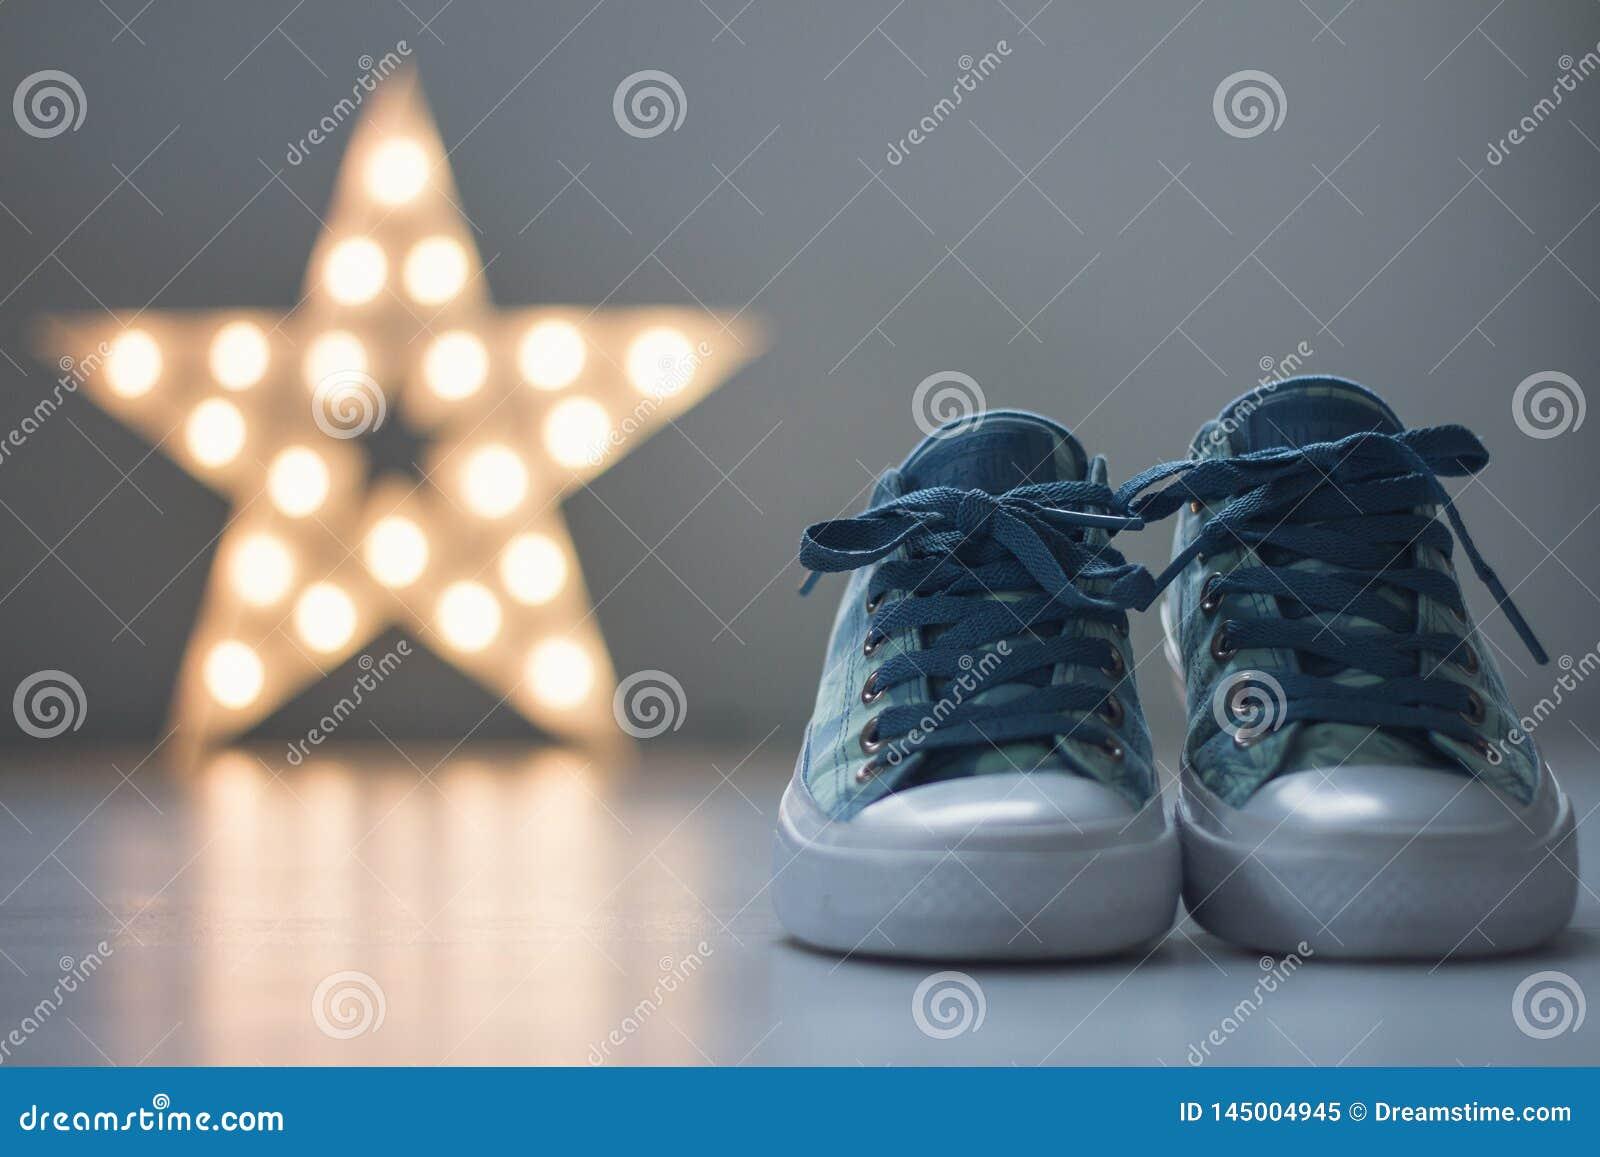 Chaussures de marche avec l étoile à l arrière-plan